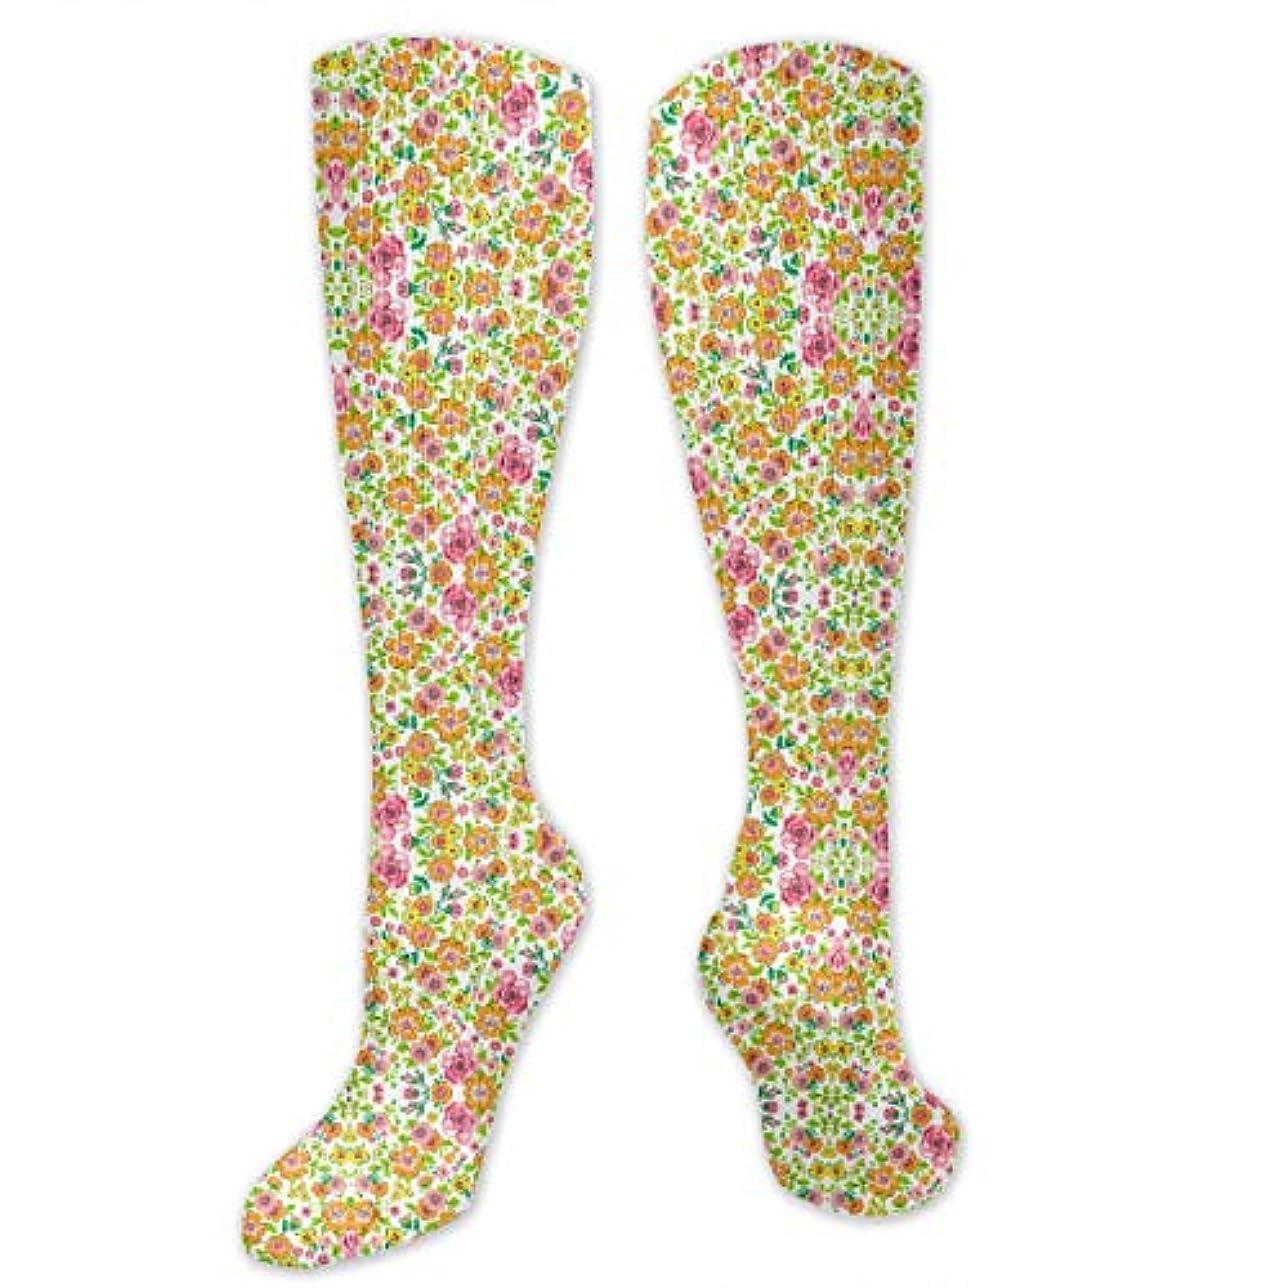 マーク比類なき靴下,ストッキング,野生のジョーカー,実際,秋の本質,冬必須,サマーウェア&RBXAA Ditsy Flowers Floral Pink Orange Socks Women's Winter Cotton Long...